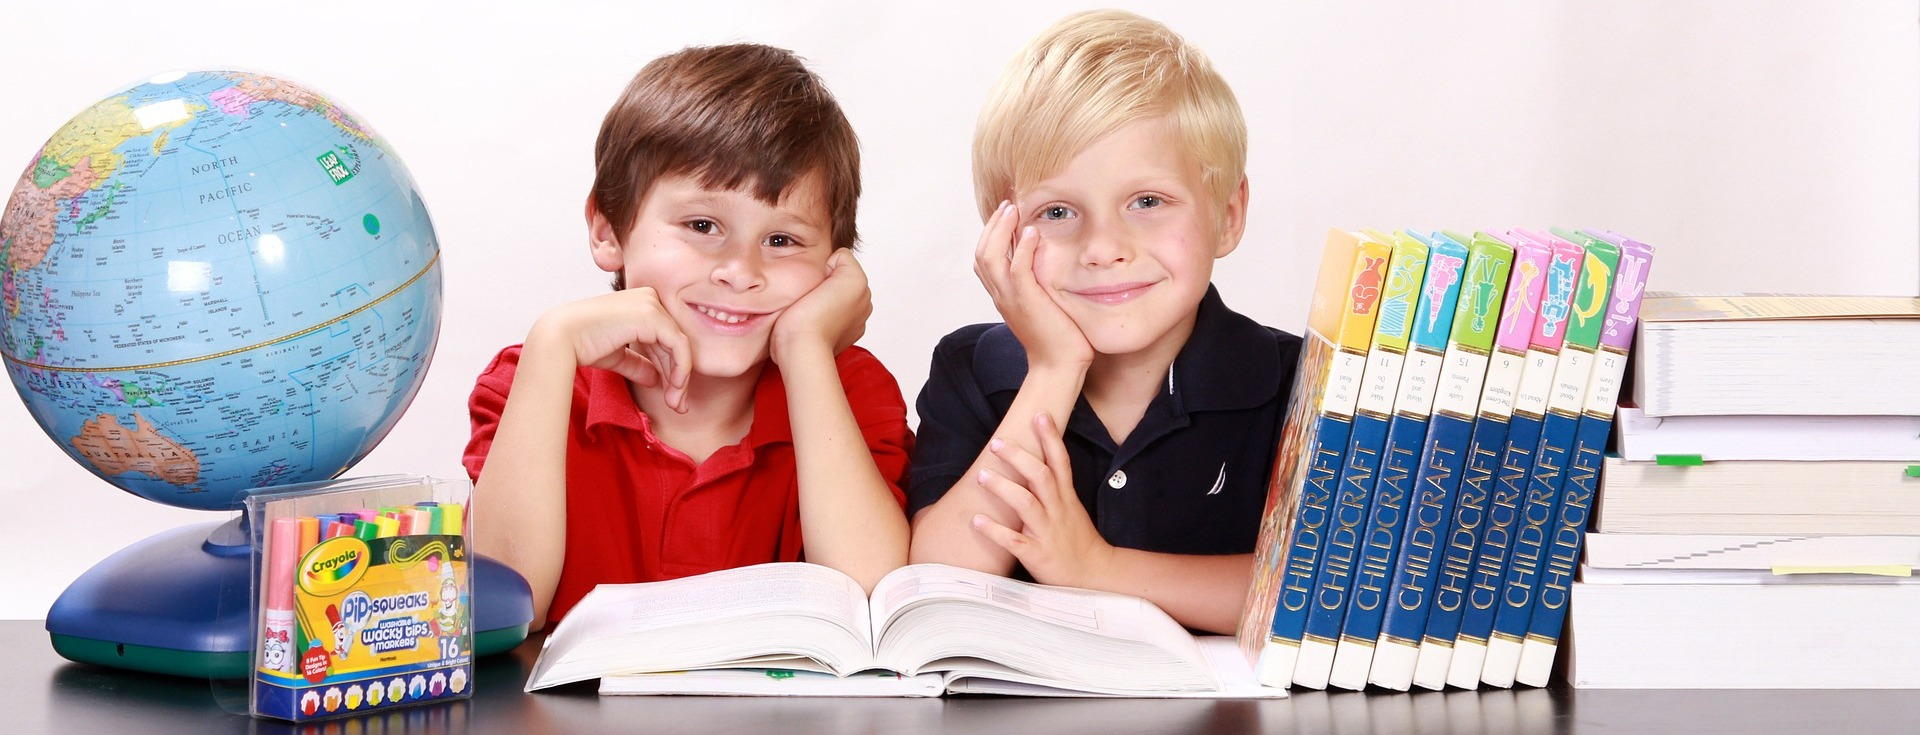 problemi di linguaggio e apprendimento roma centro